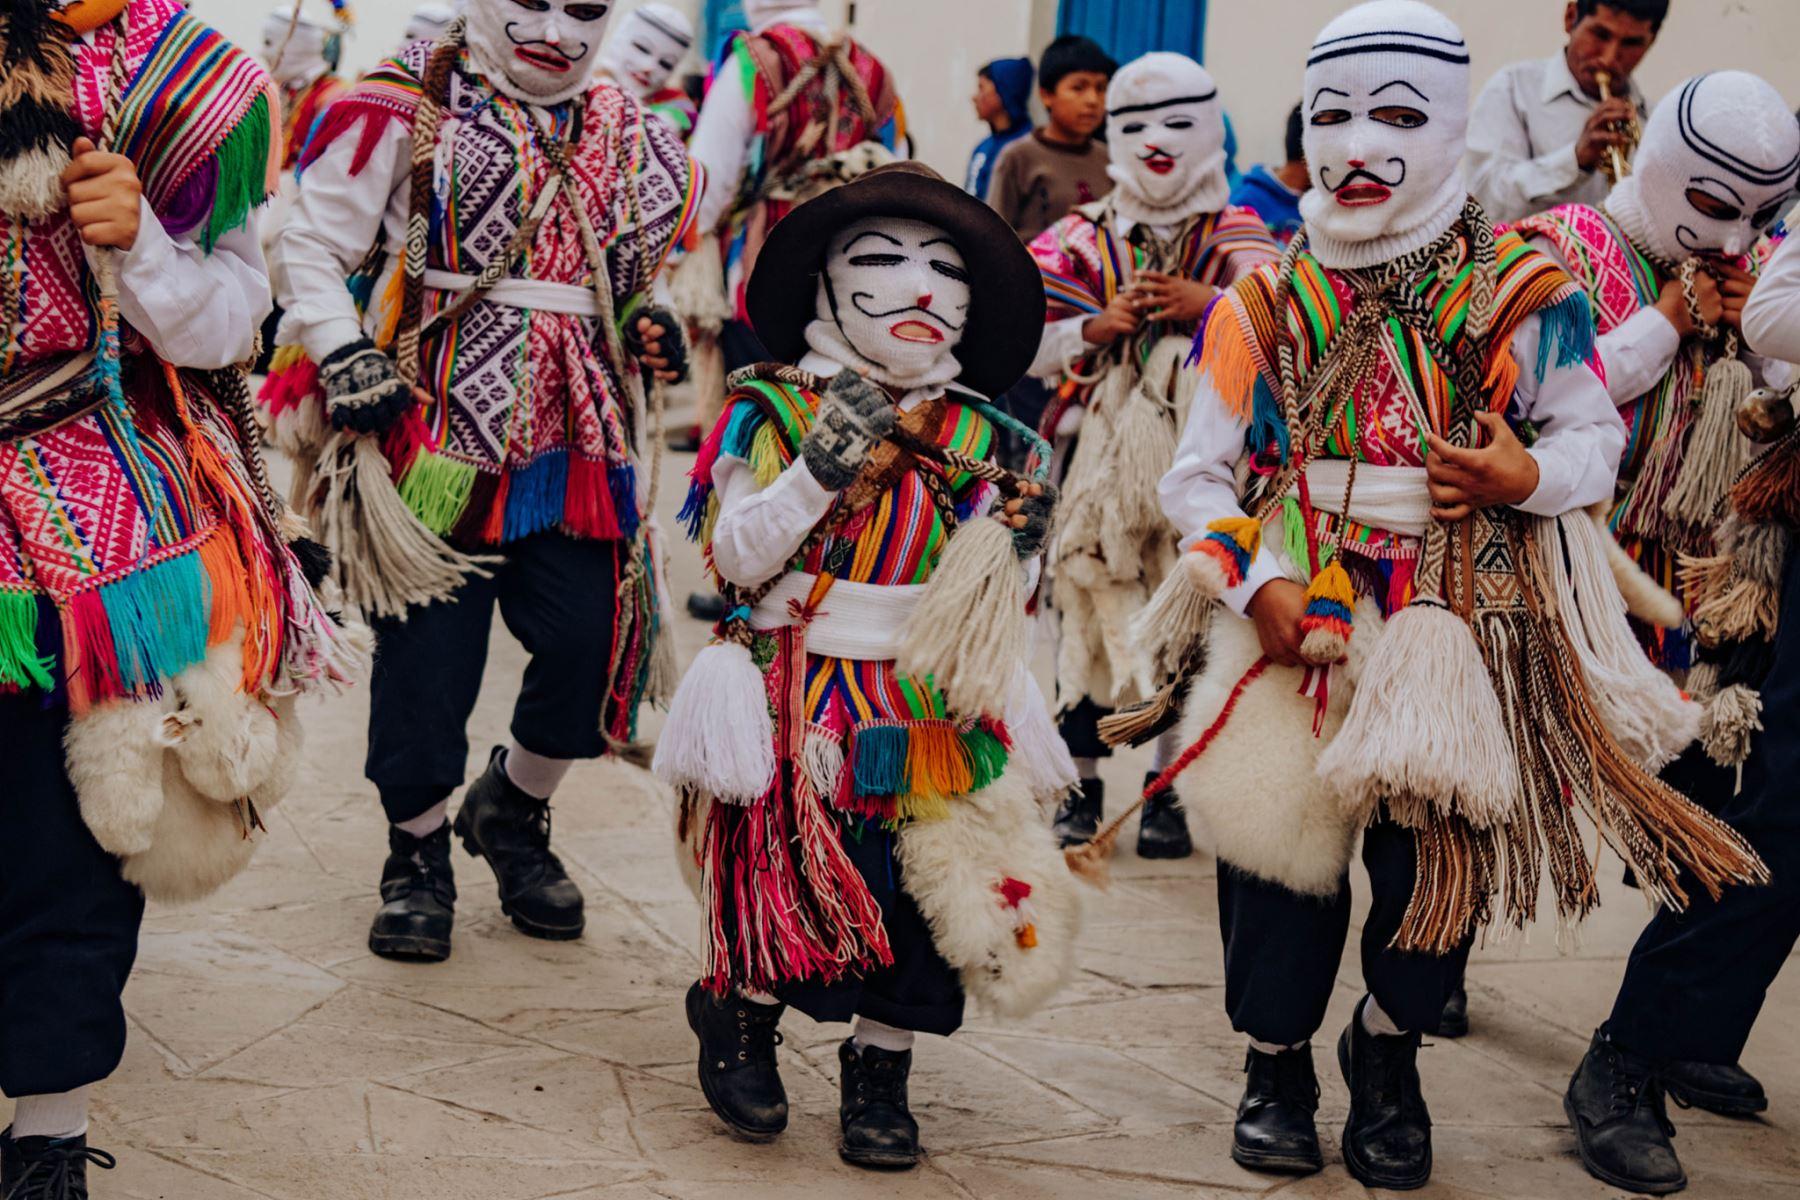 Festividades en honor a la Virgen del Rosario en Cusco.  Foto: ANDINA/Percy Hurtado Santillán